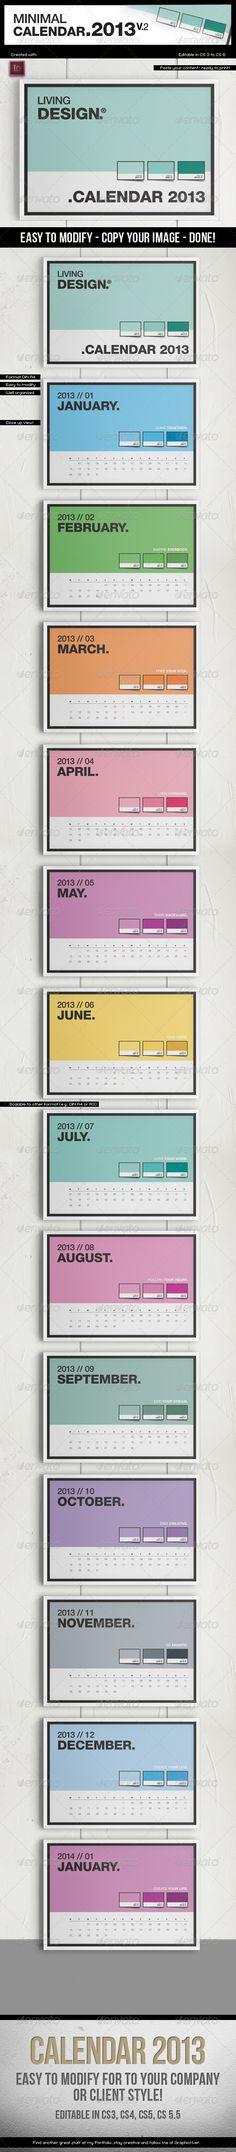 Calendar 2013 v2 A4 Template